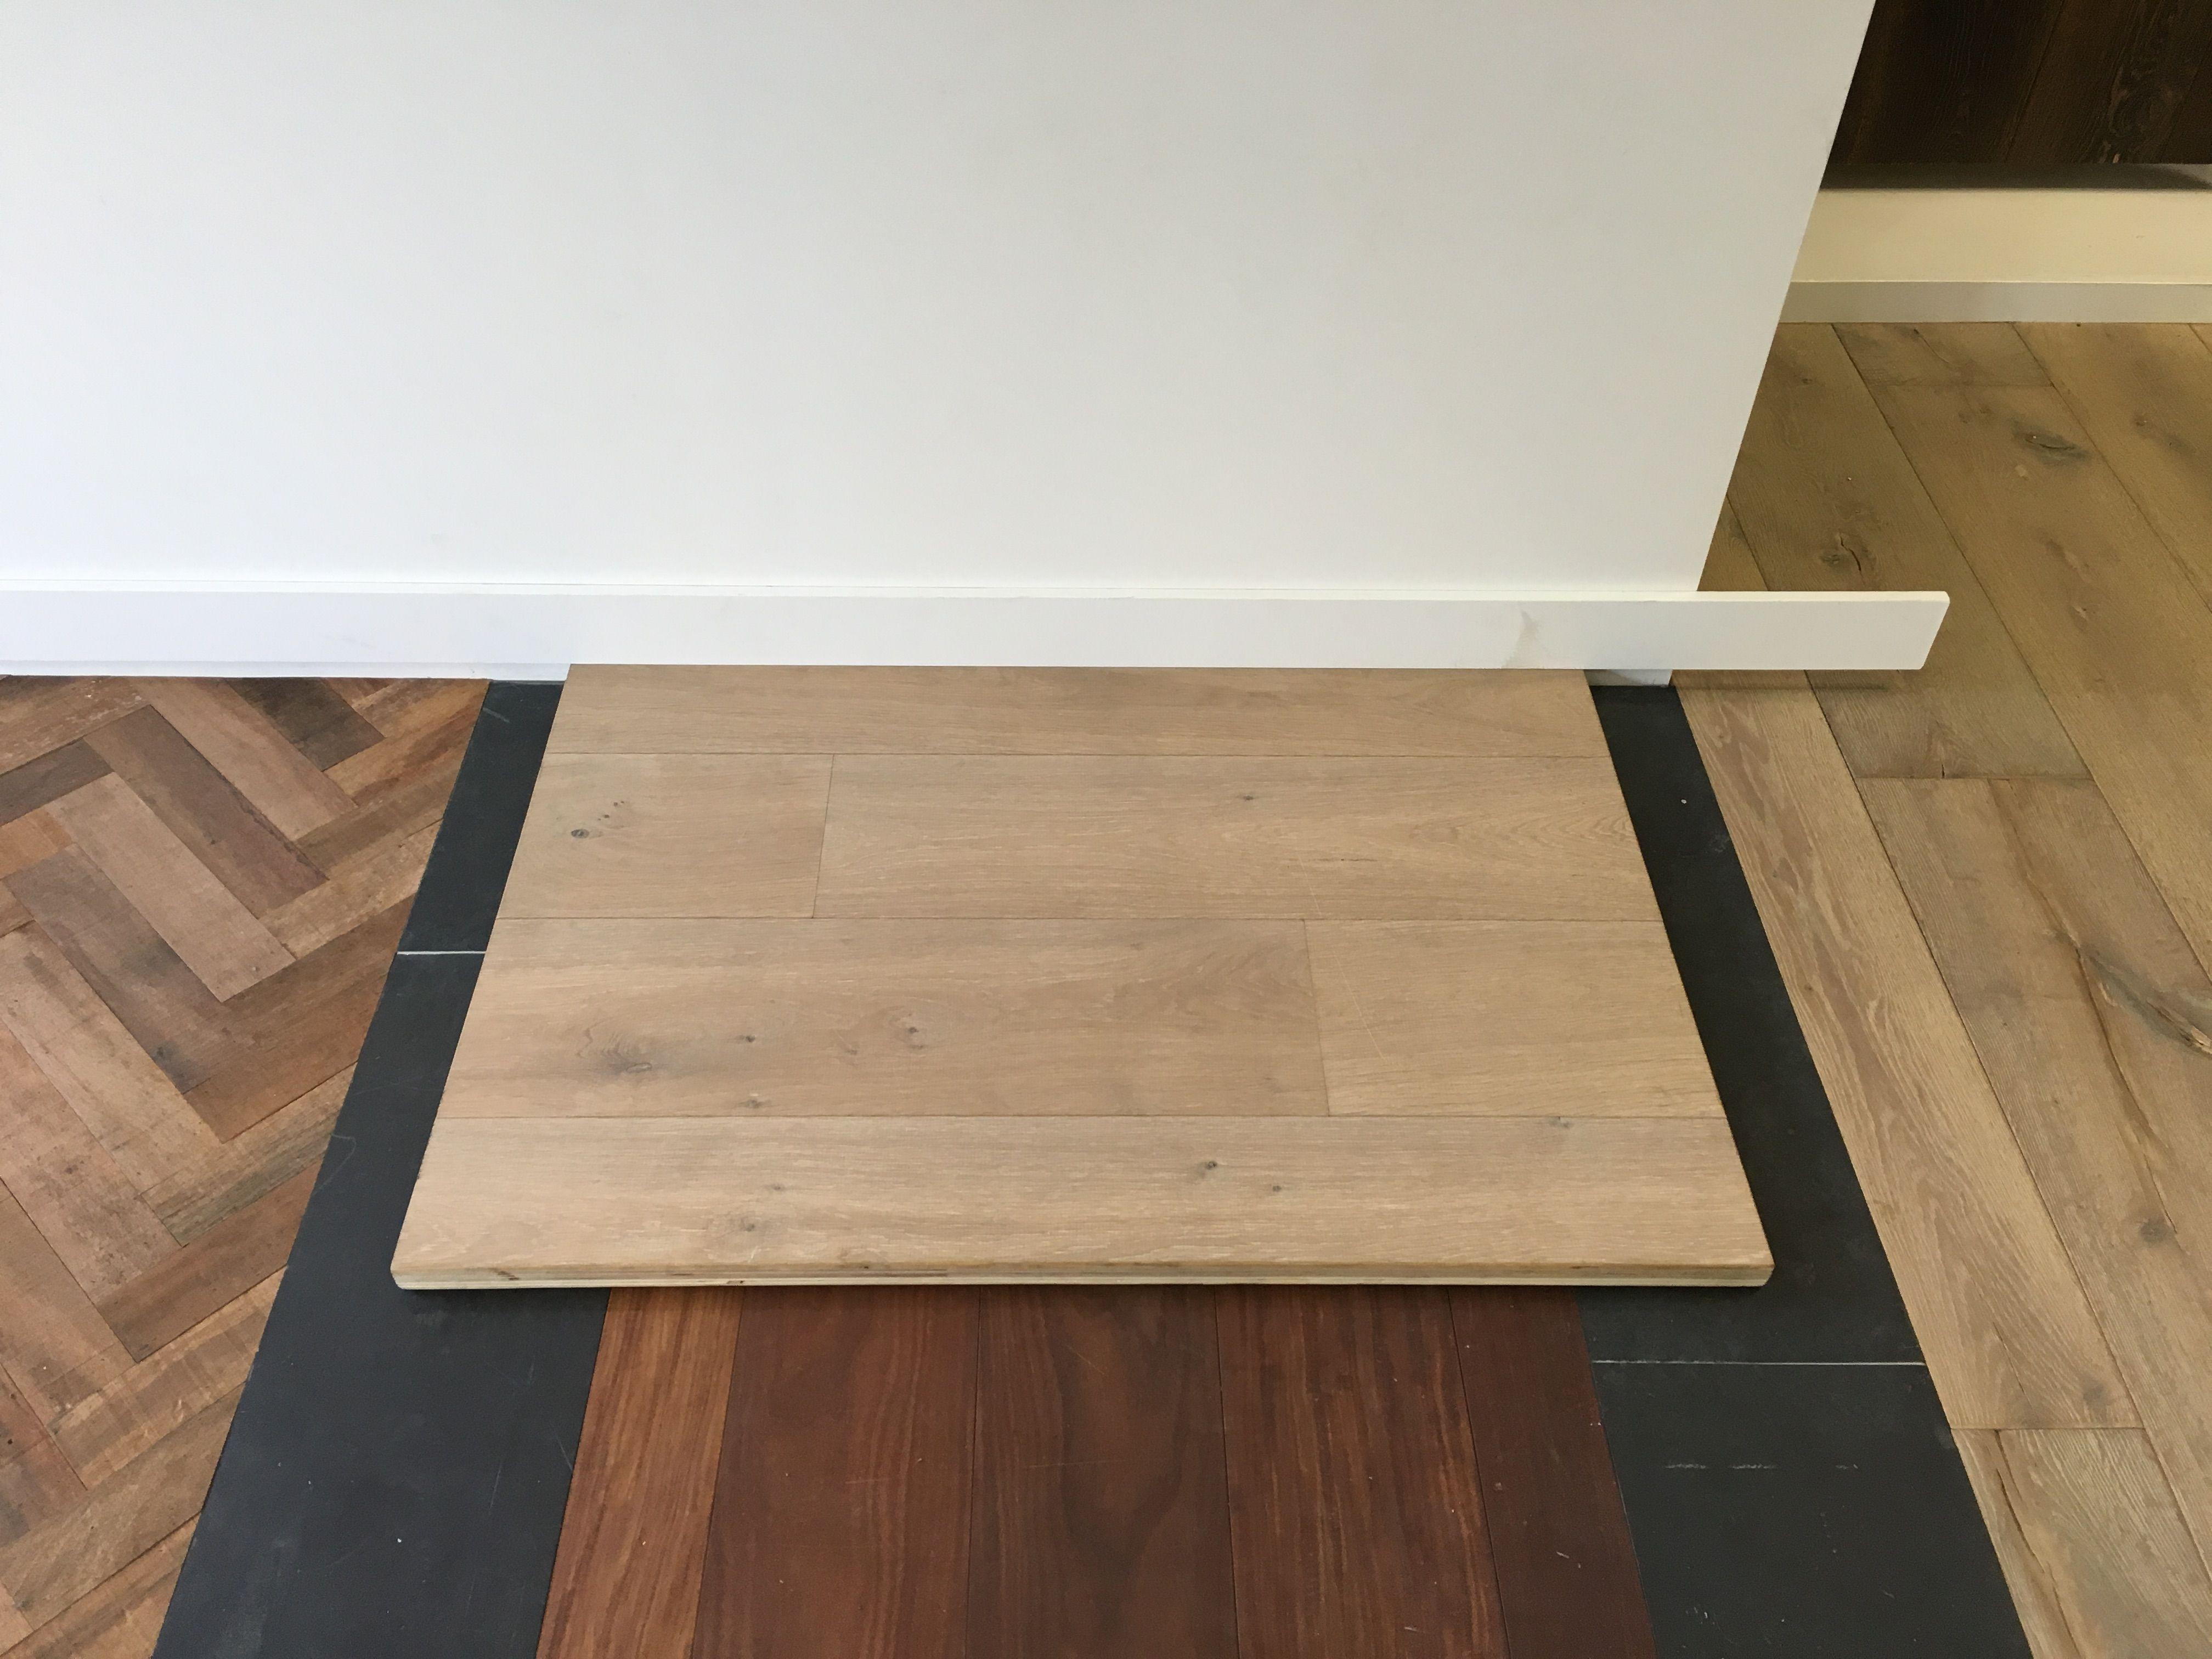 Dit wordt de houten vloer multiplank eiken licht gerookt de paal